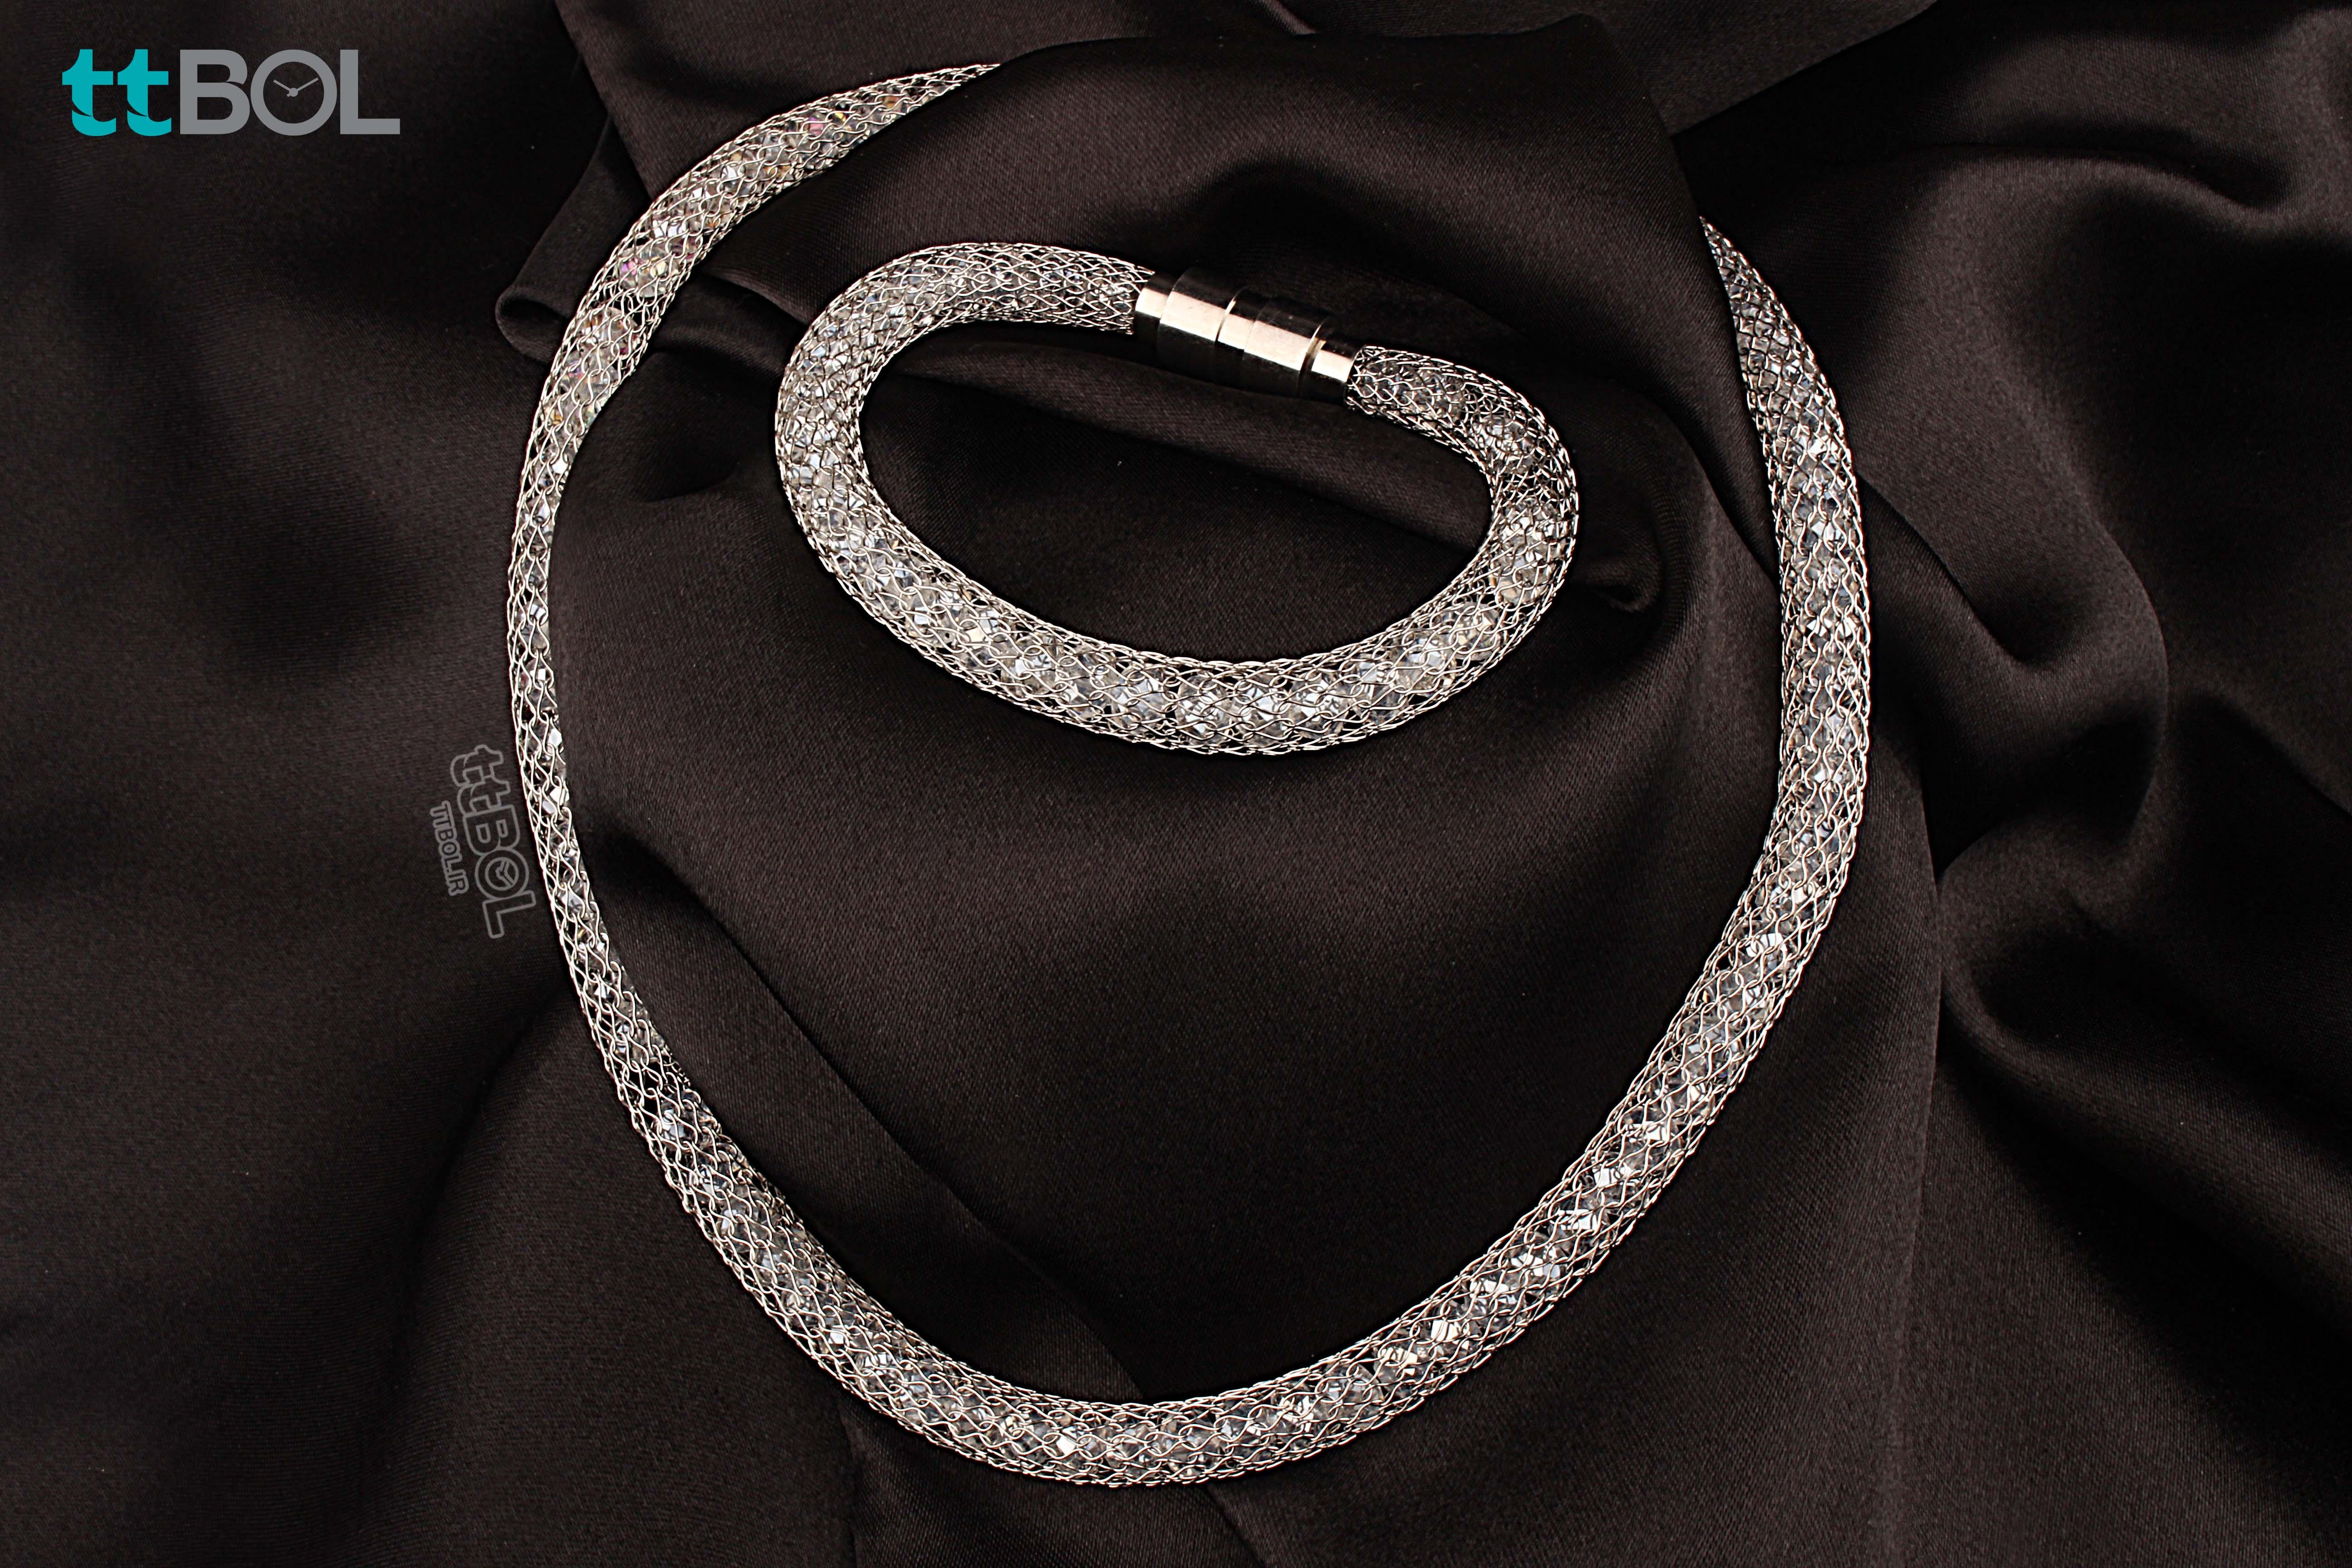 گردنبند و دستبند زنانه مجلسی